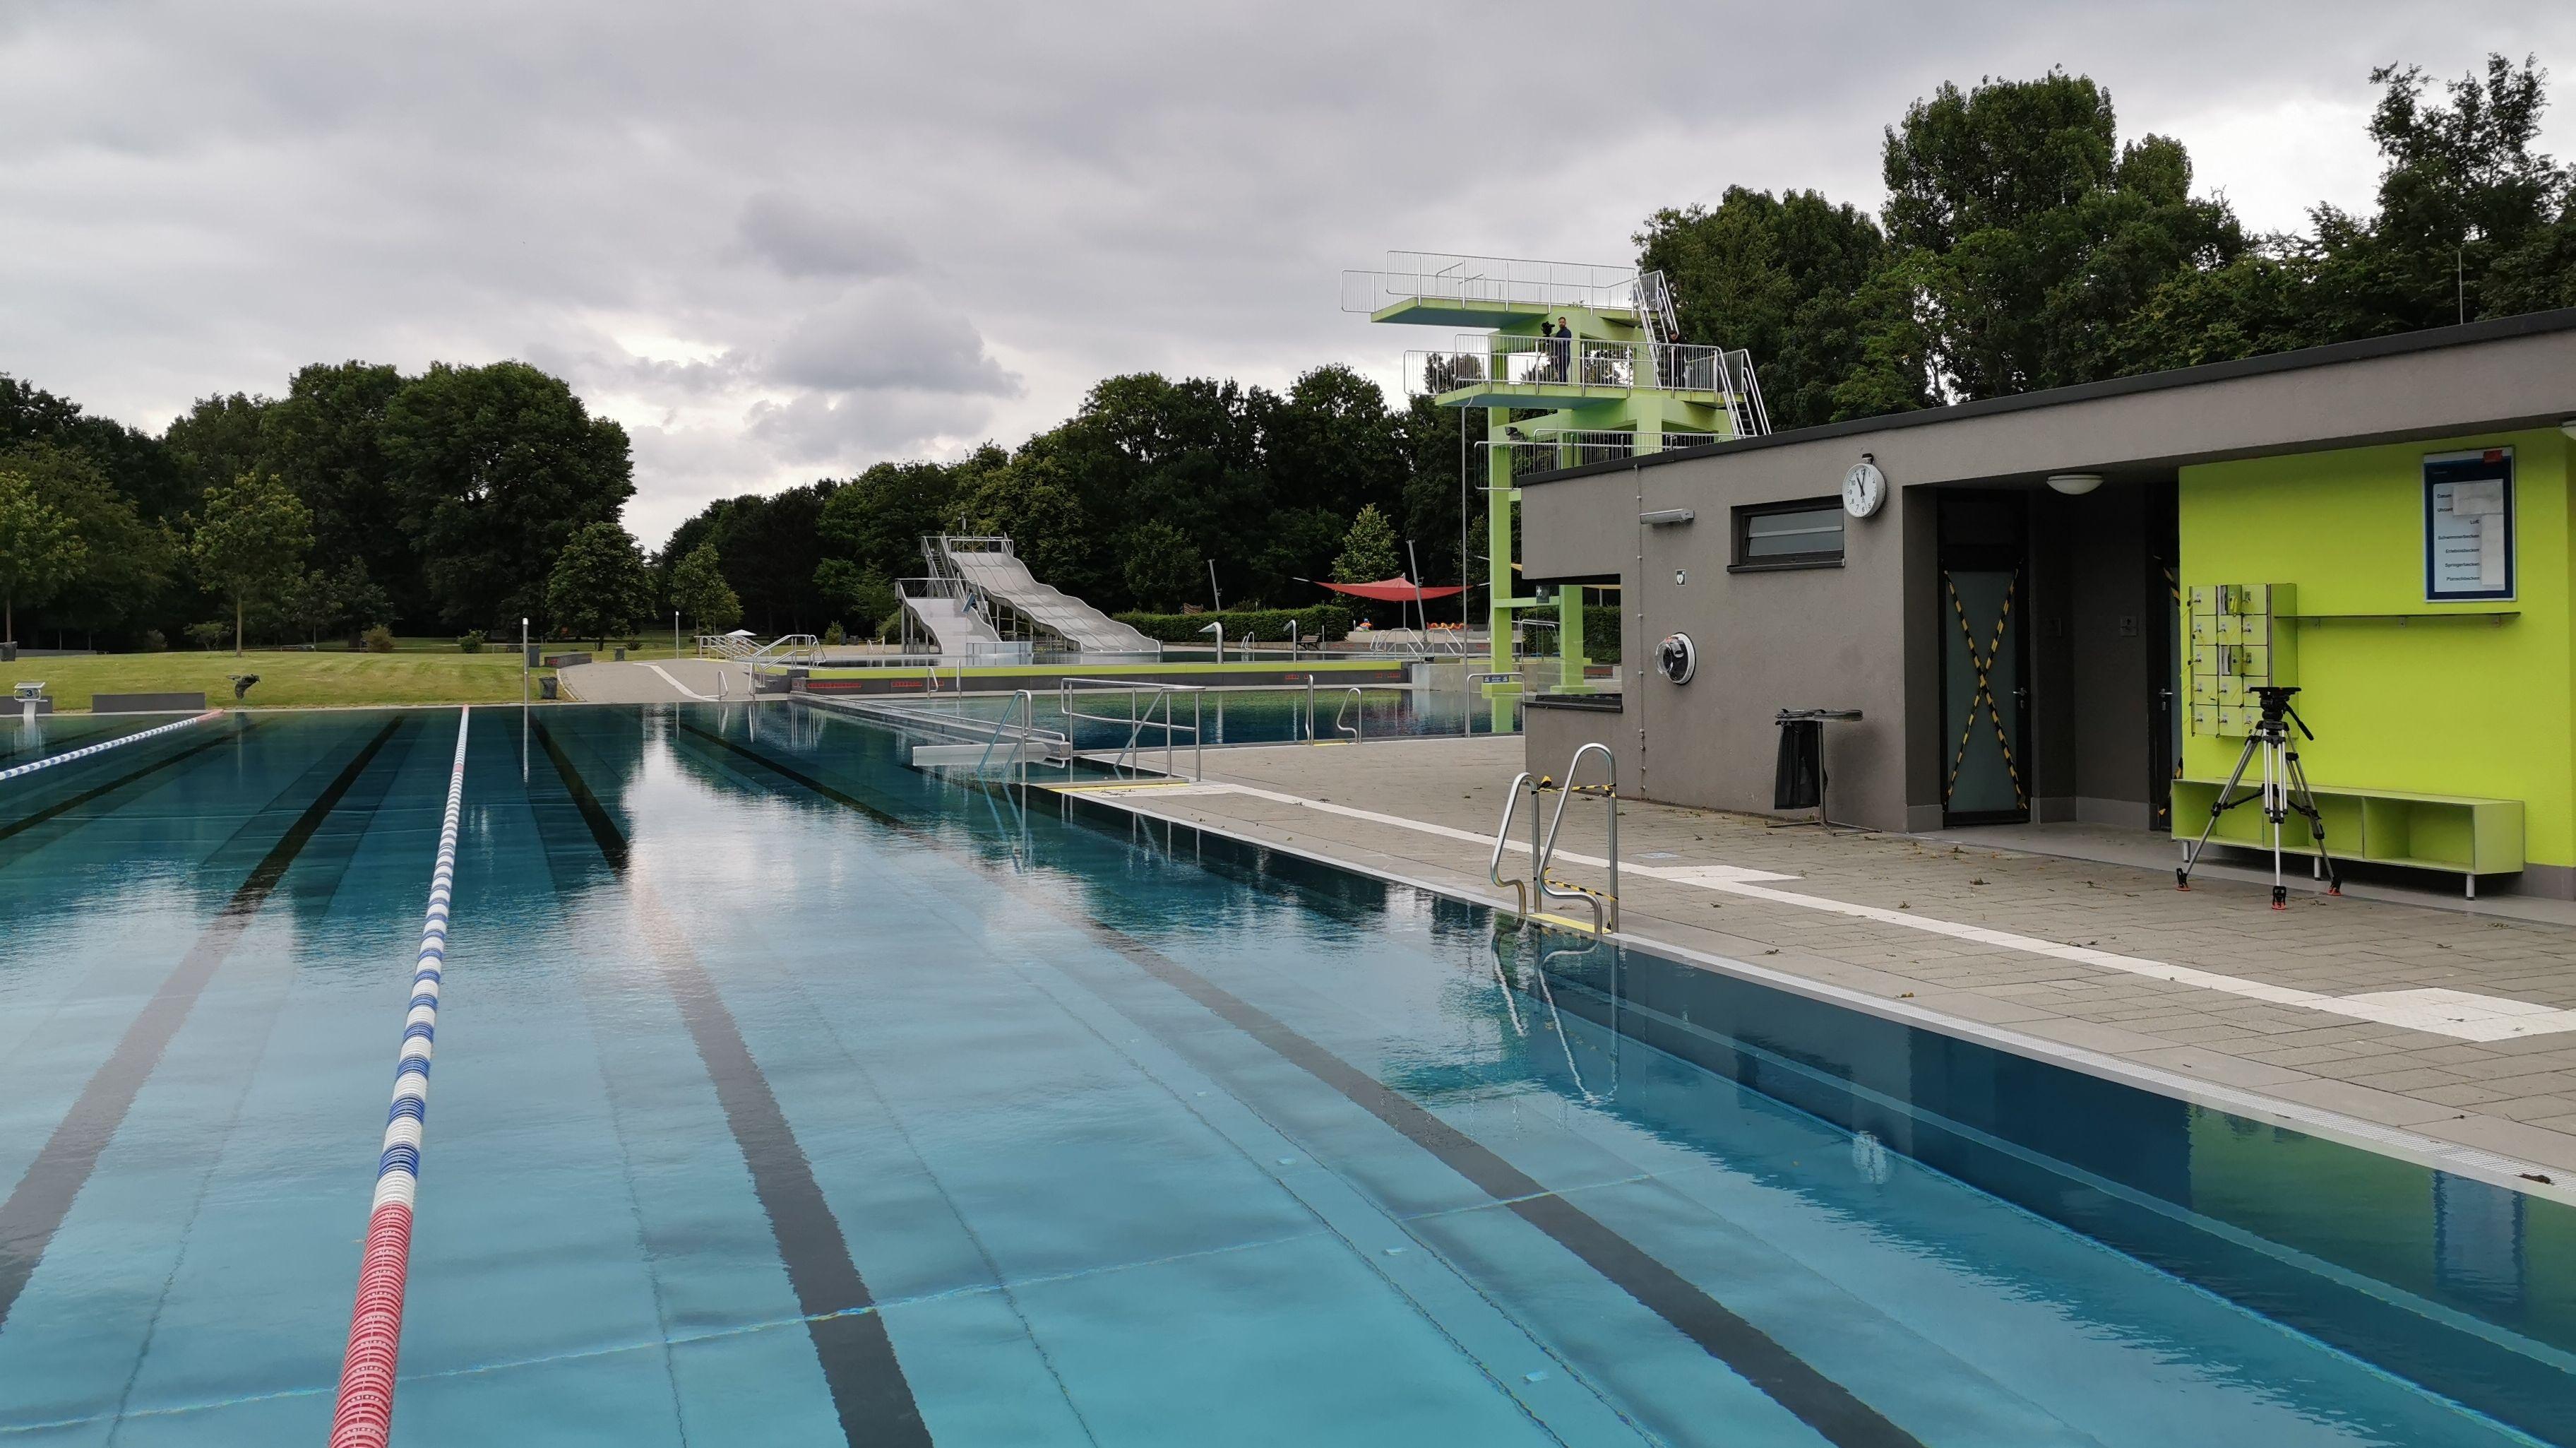 Das Schwimmerbecken im Nürnberger Westbad